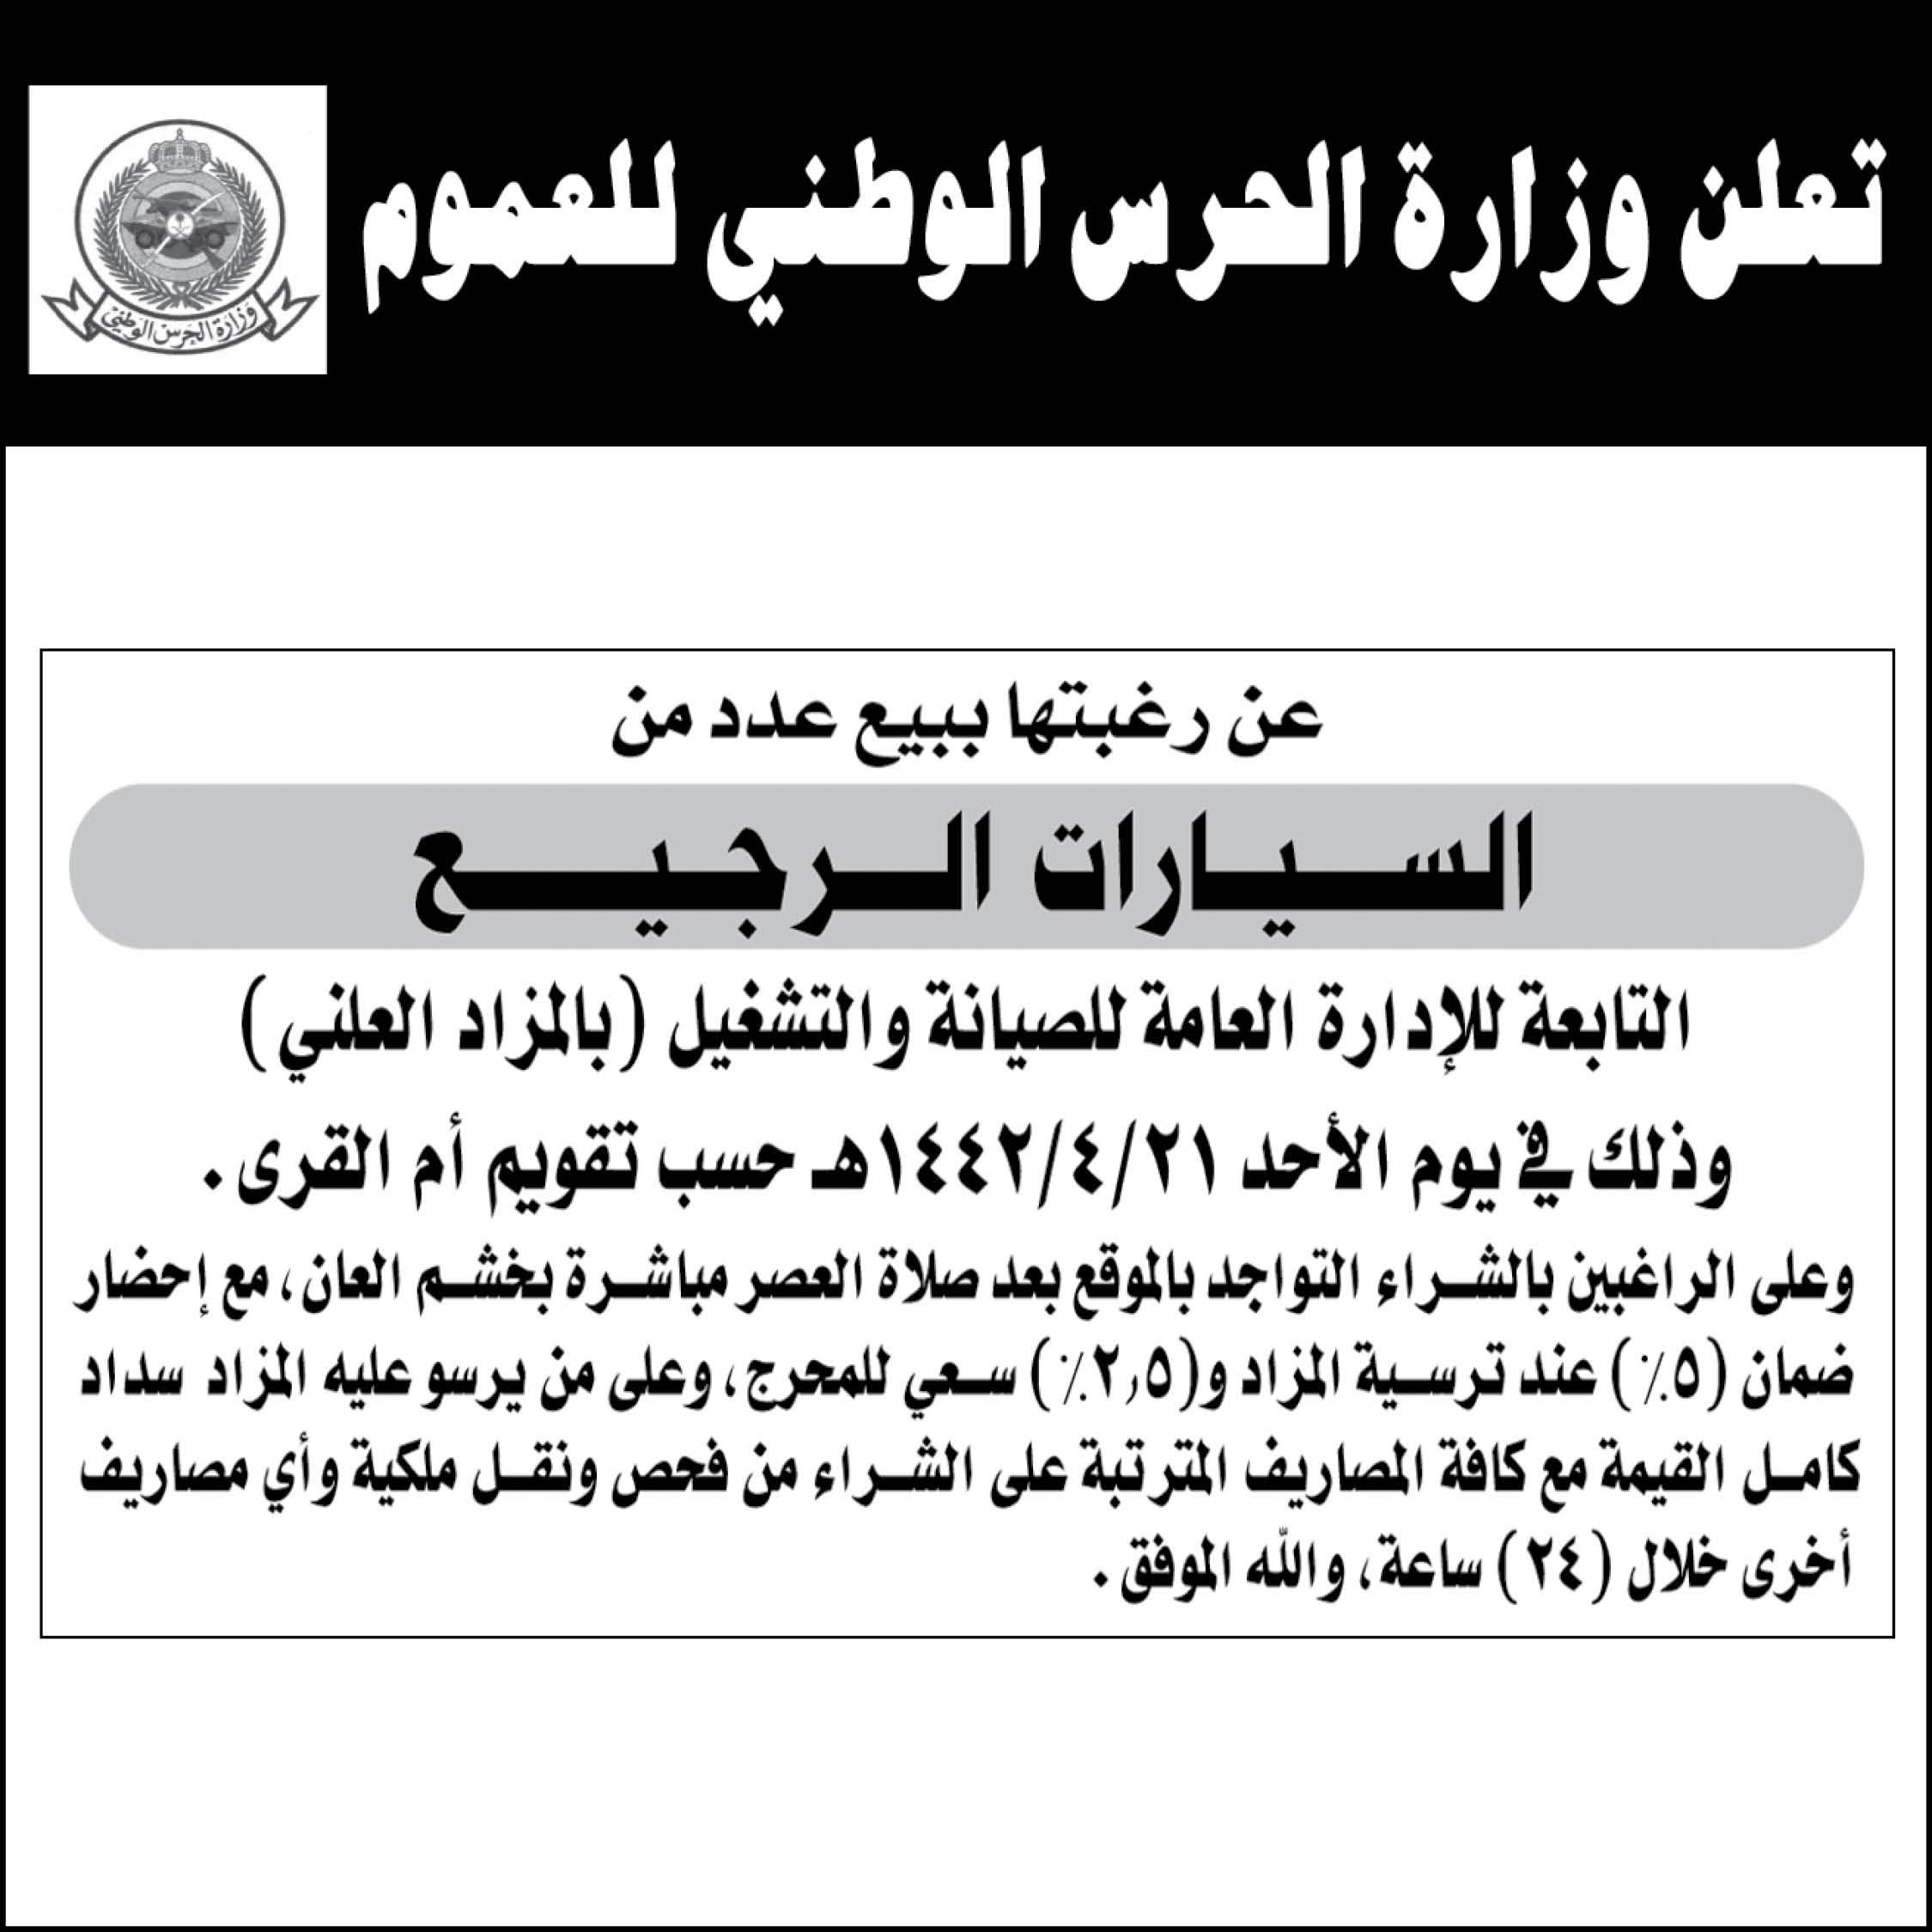 تعلن وزارة الحرس الوطني  للعموم